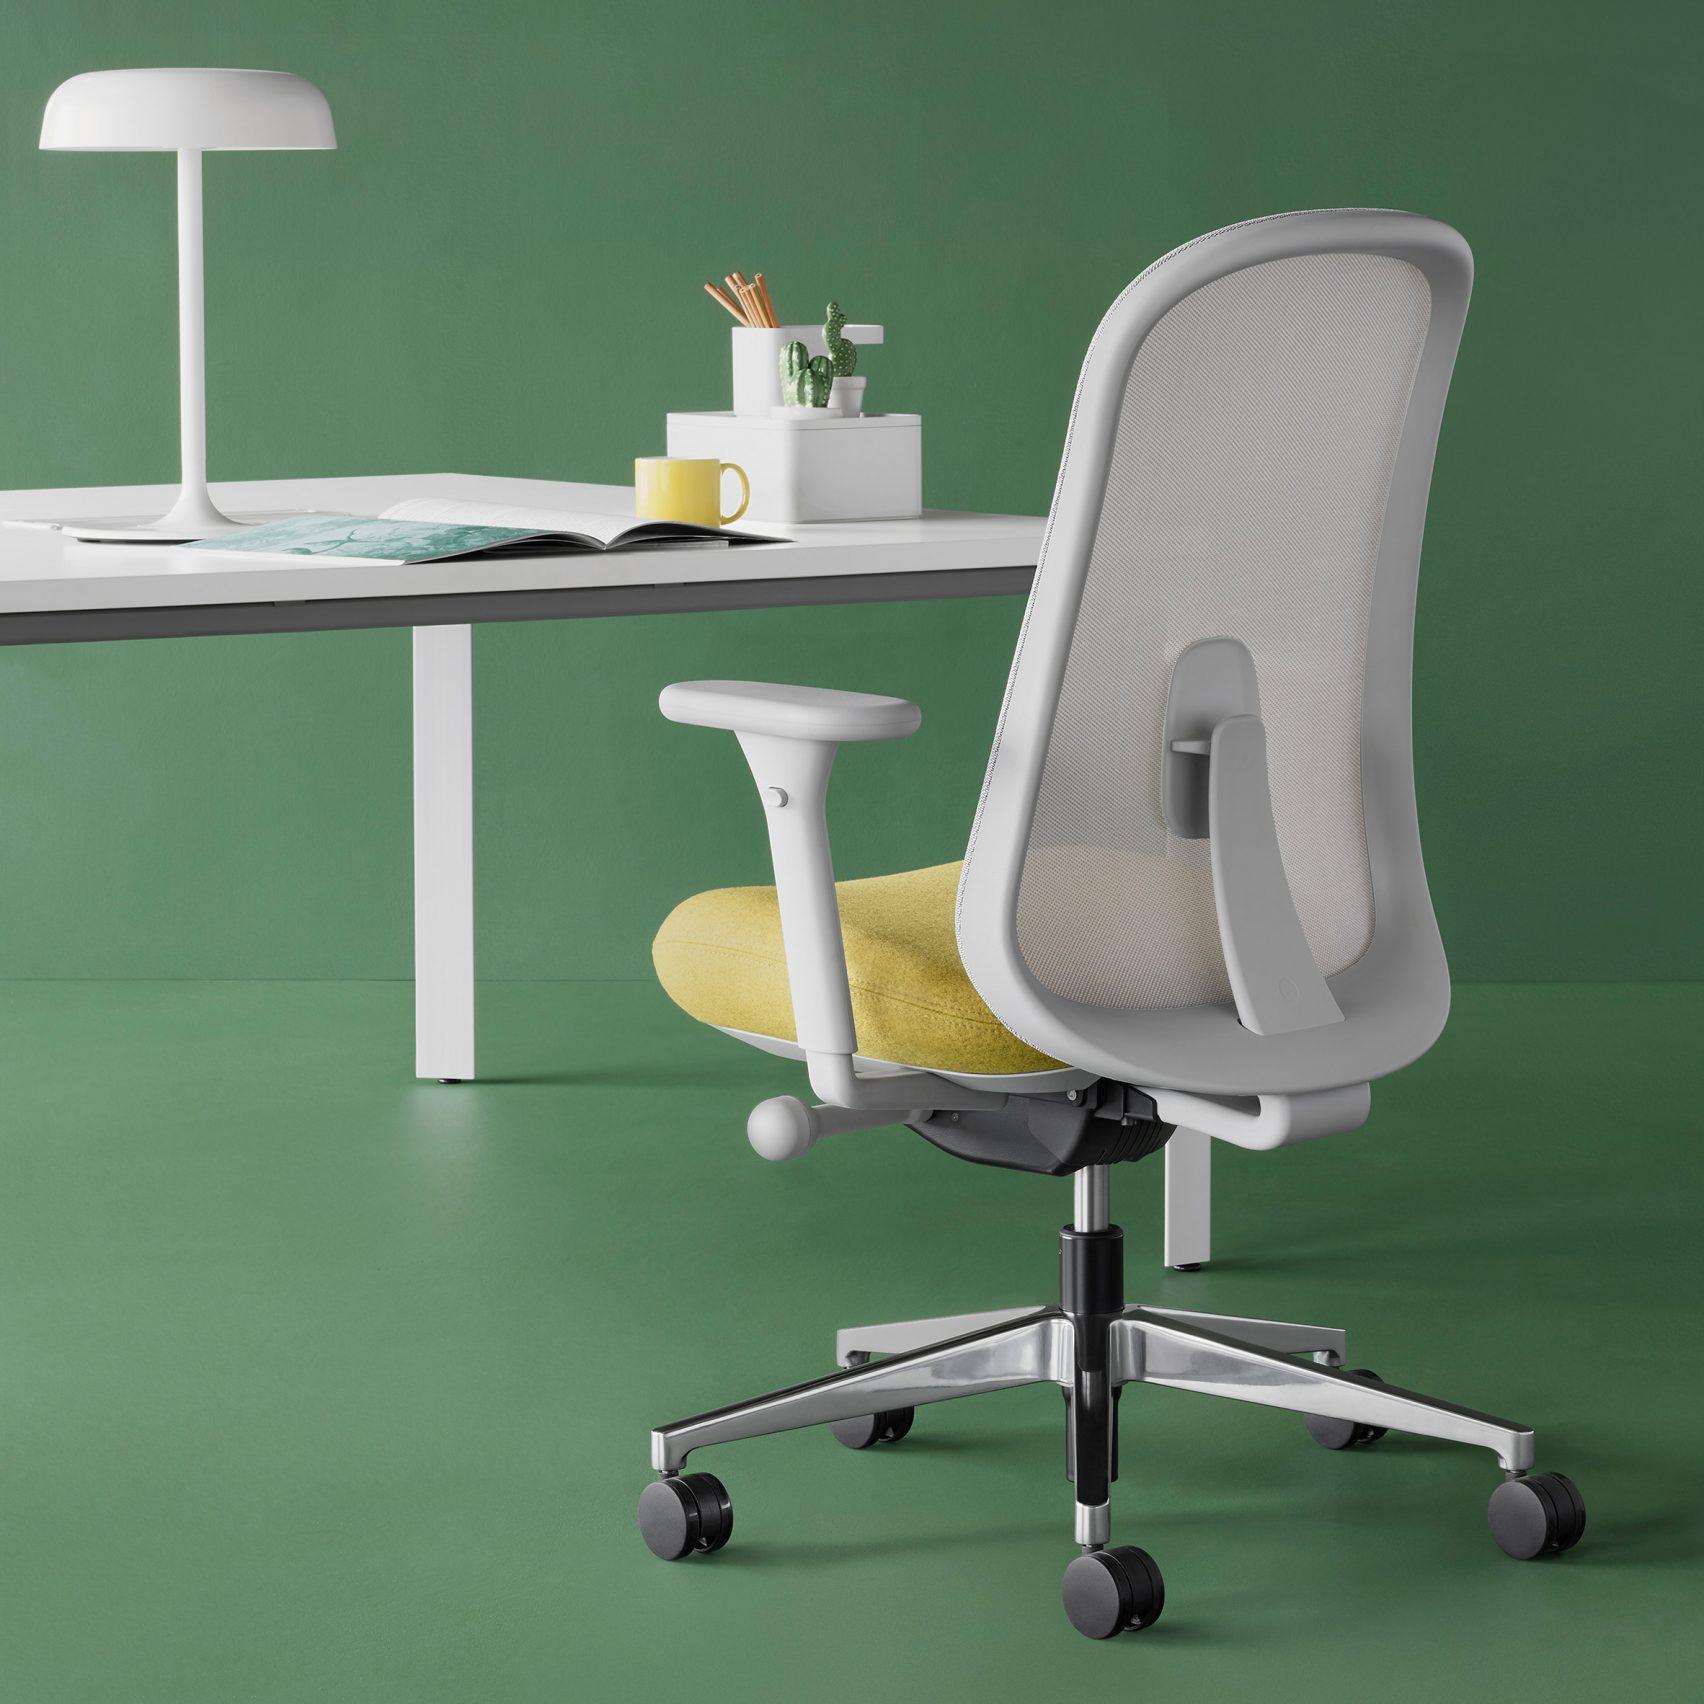 sản phẩm nội thất văn phòng 1